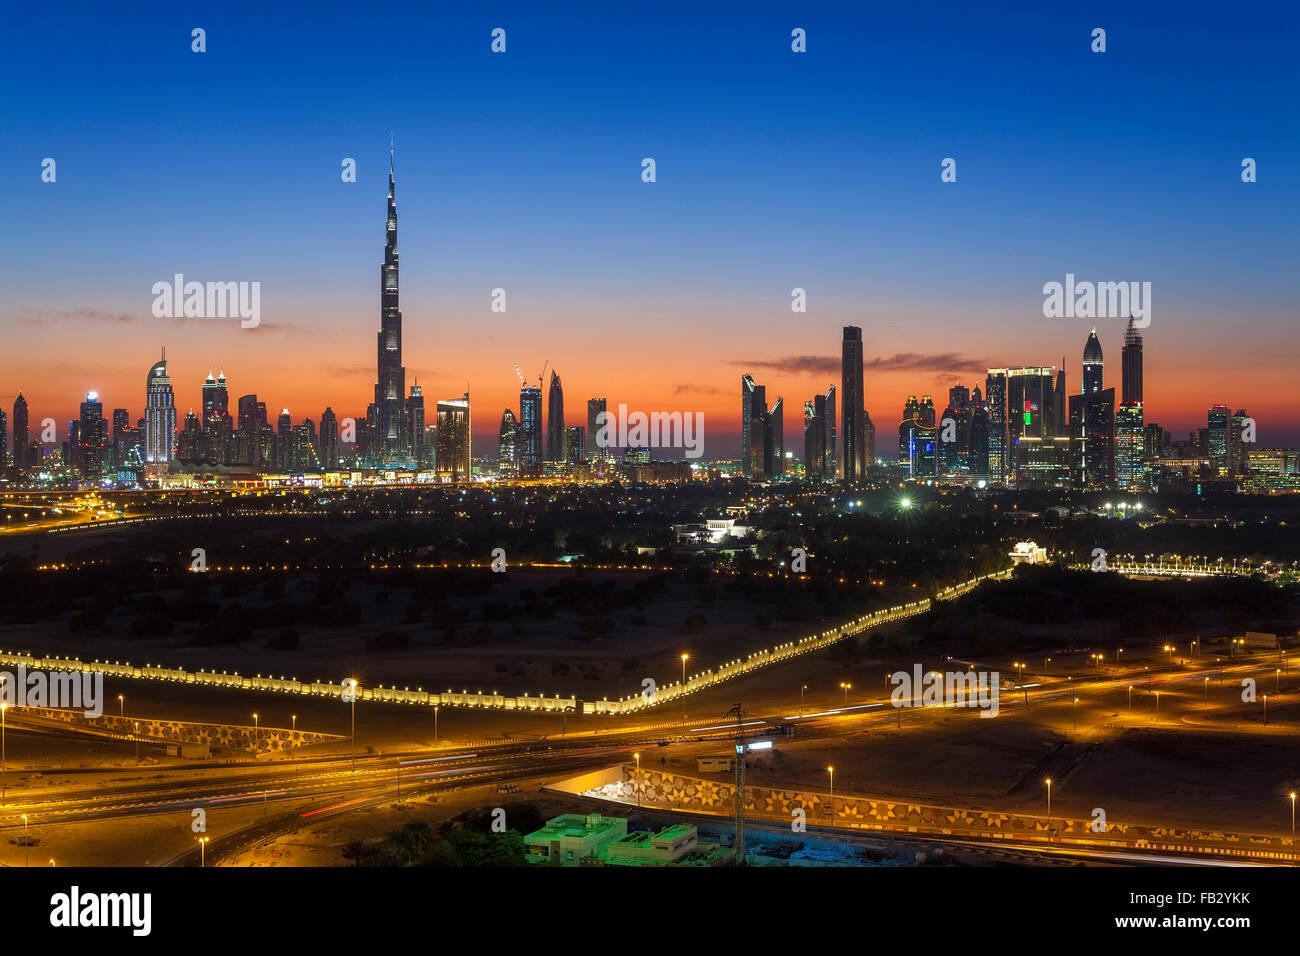 Vereinigte Arabische Emirate, Dubai, erhöhten Blick auf die neue Skyline von Dubai, Burj Khalifa, moderne Architektur Stockbild